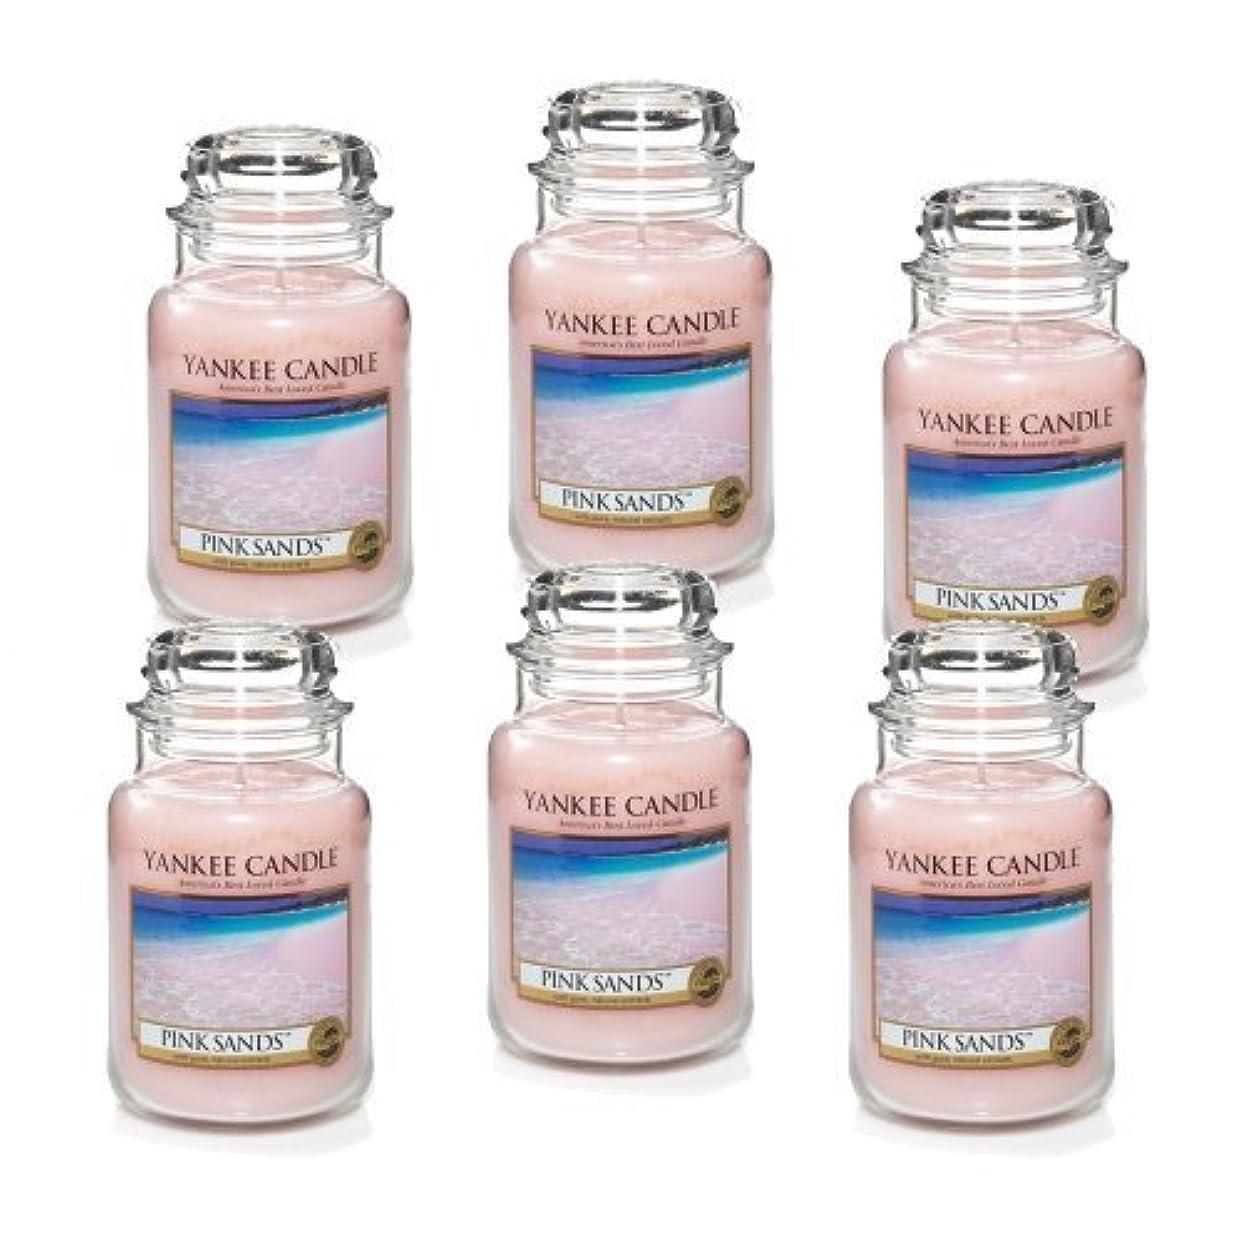 イルずらす芽Yankee Candle Company 22-Ounce Pink Sands Jar Candle, Large, Set of 6 by Amazon source [並行輸入品]